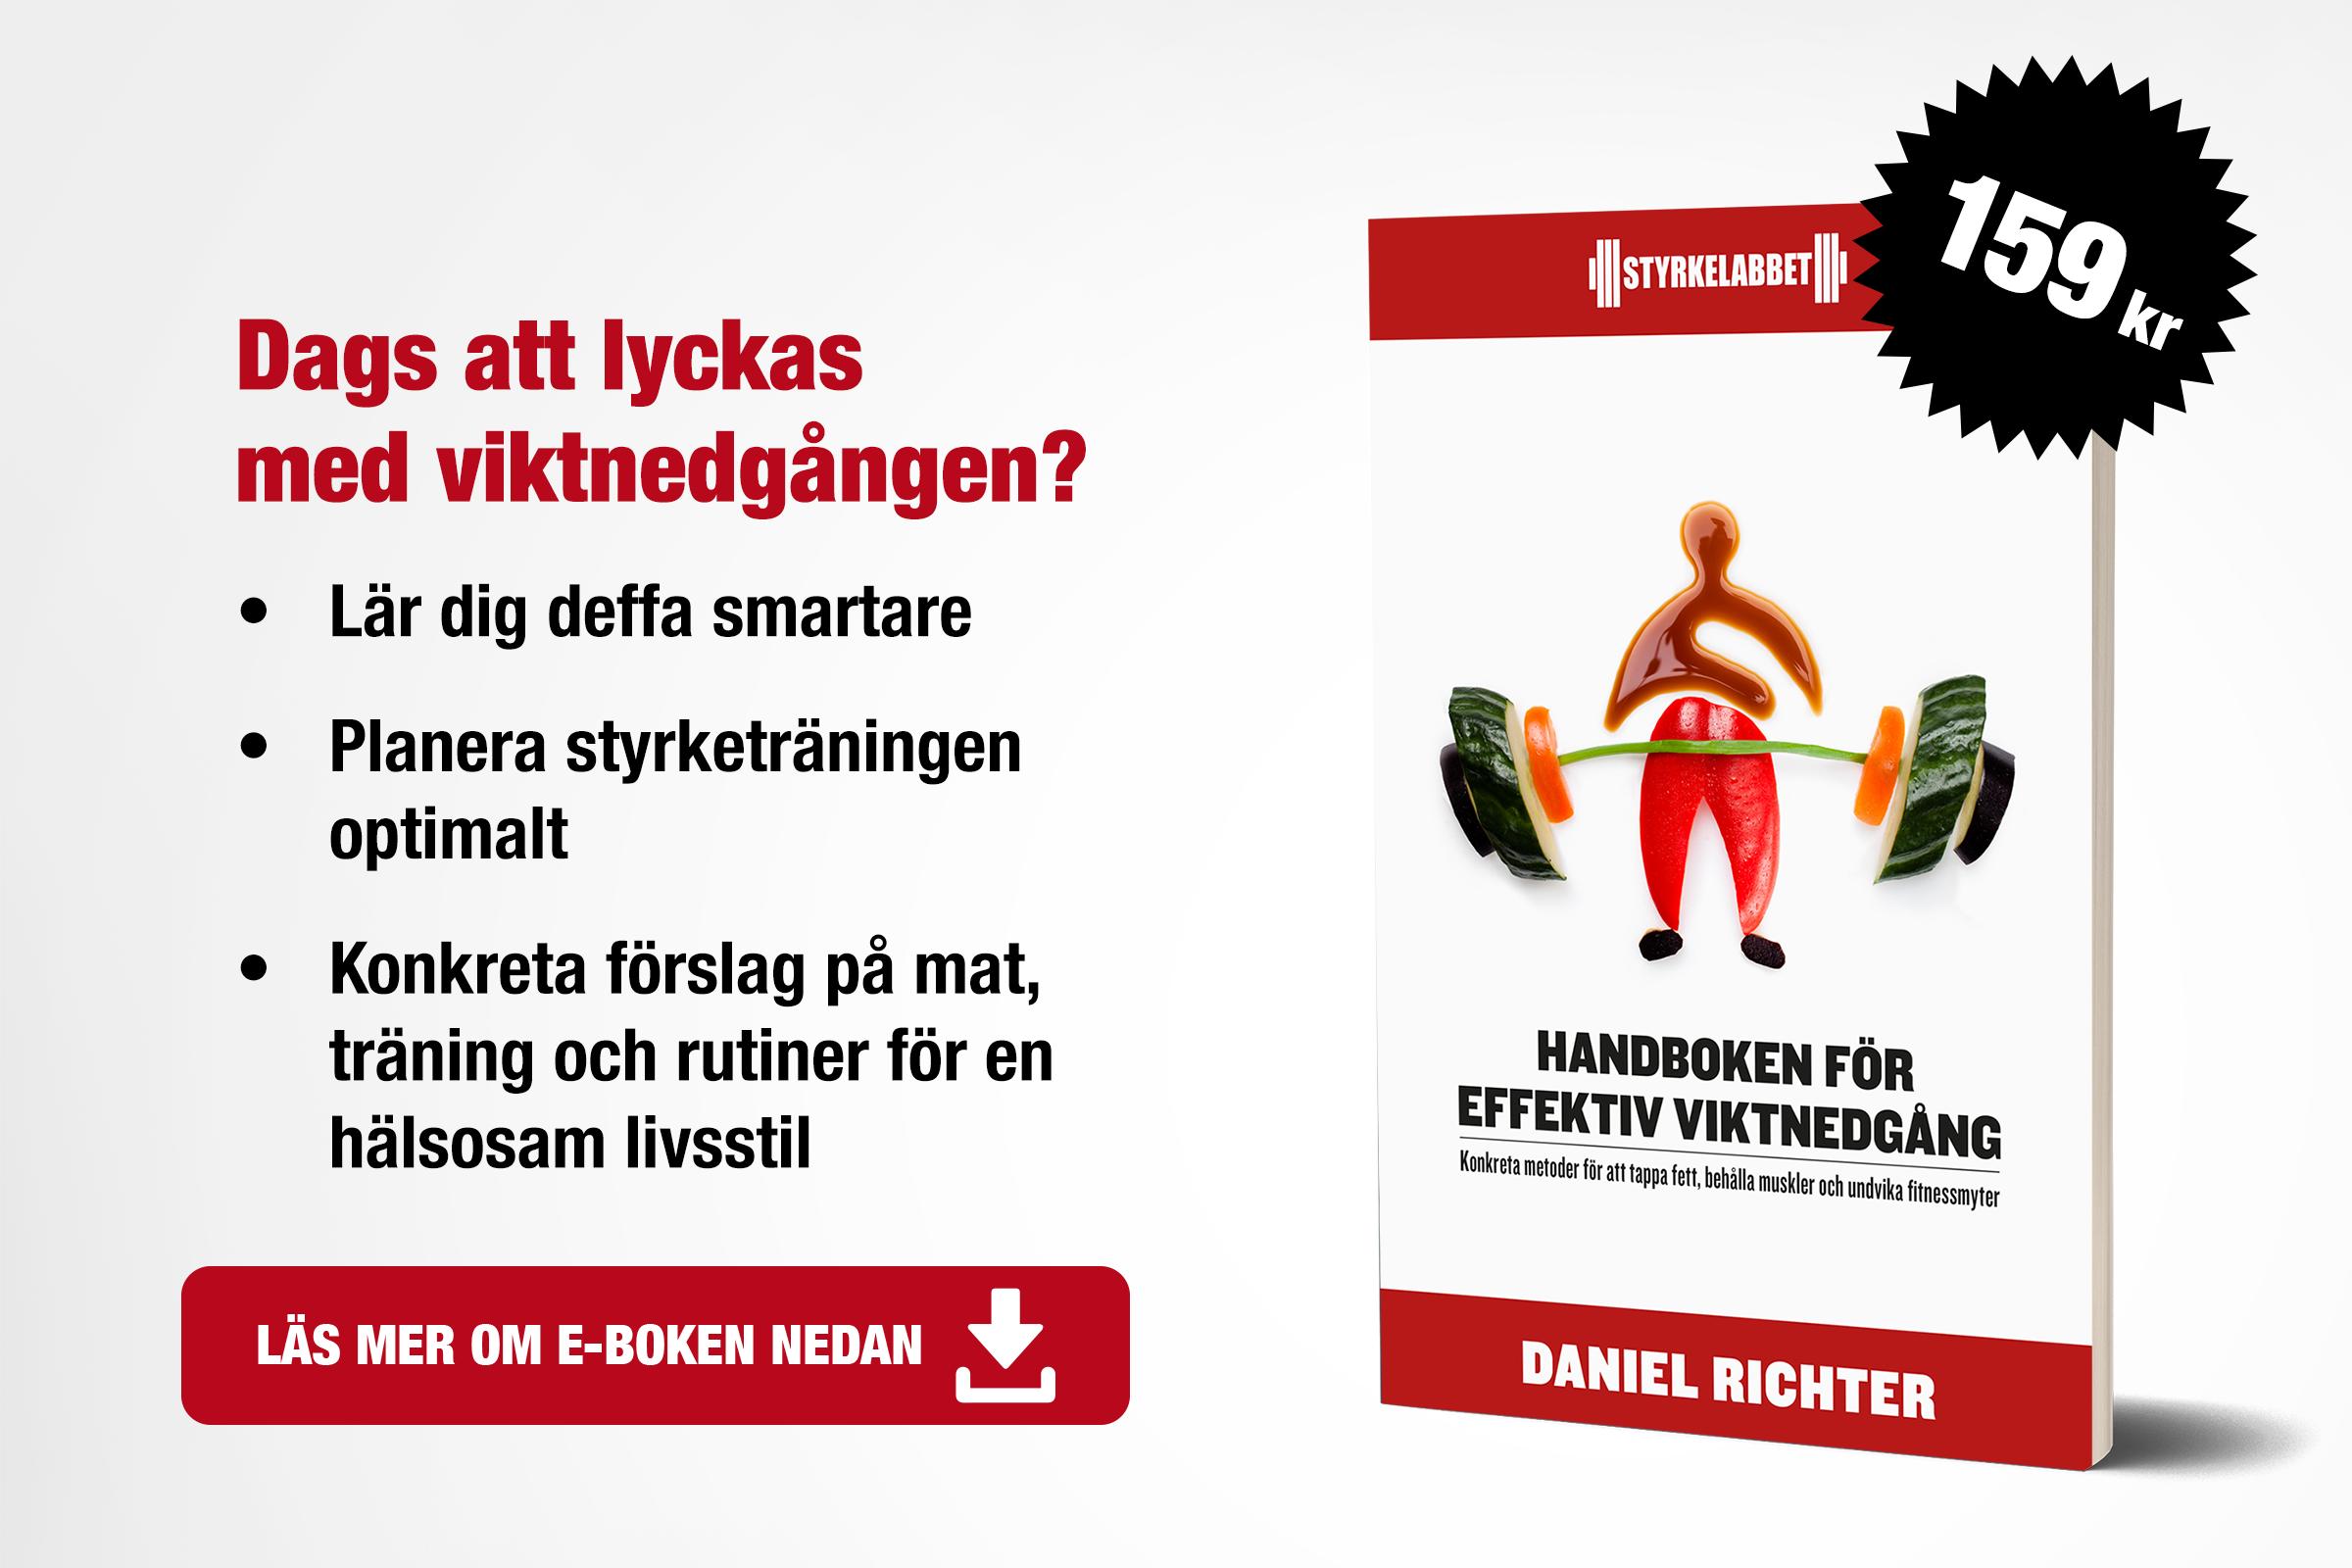 Handboken för effektiv viktnedgång Utvald